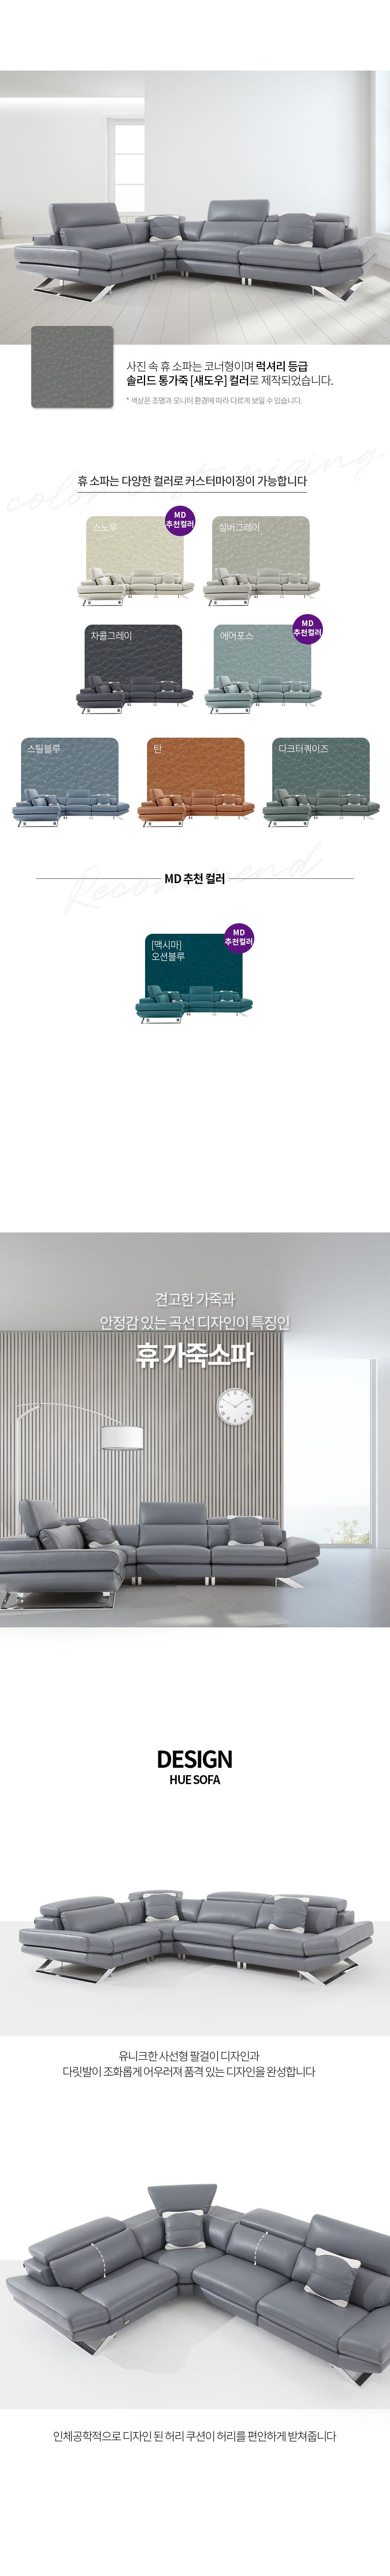 hue_cor_detail_02.jpg